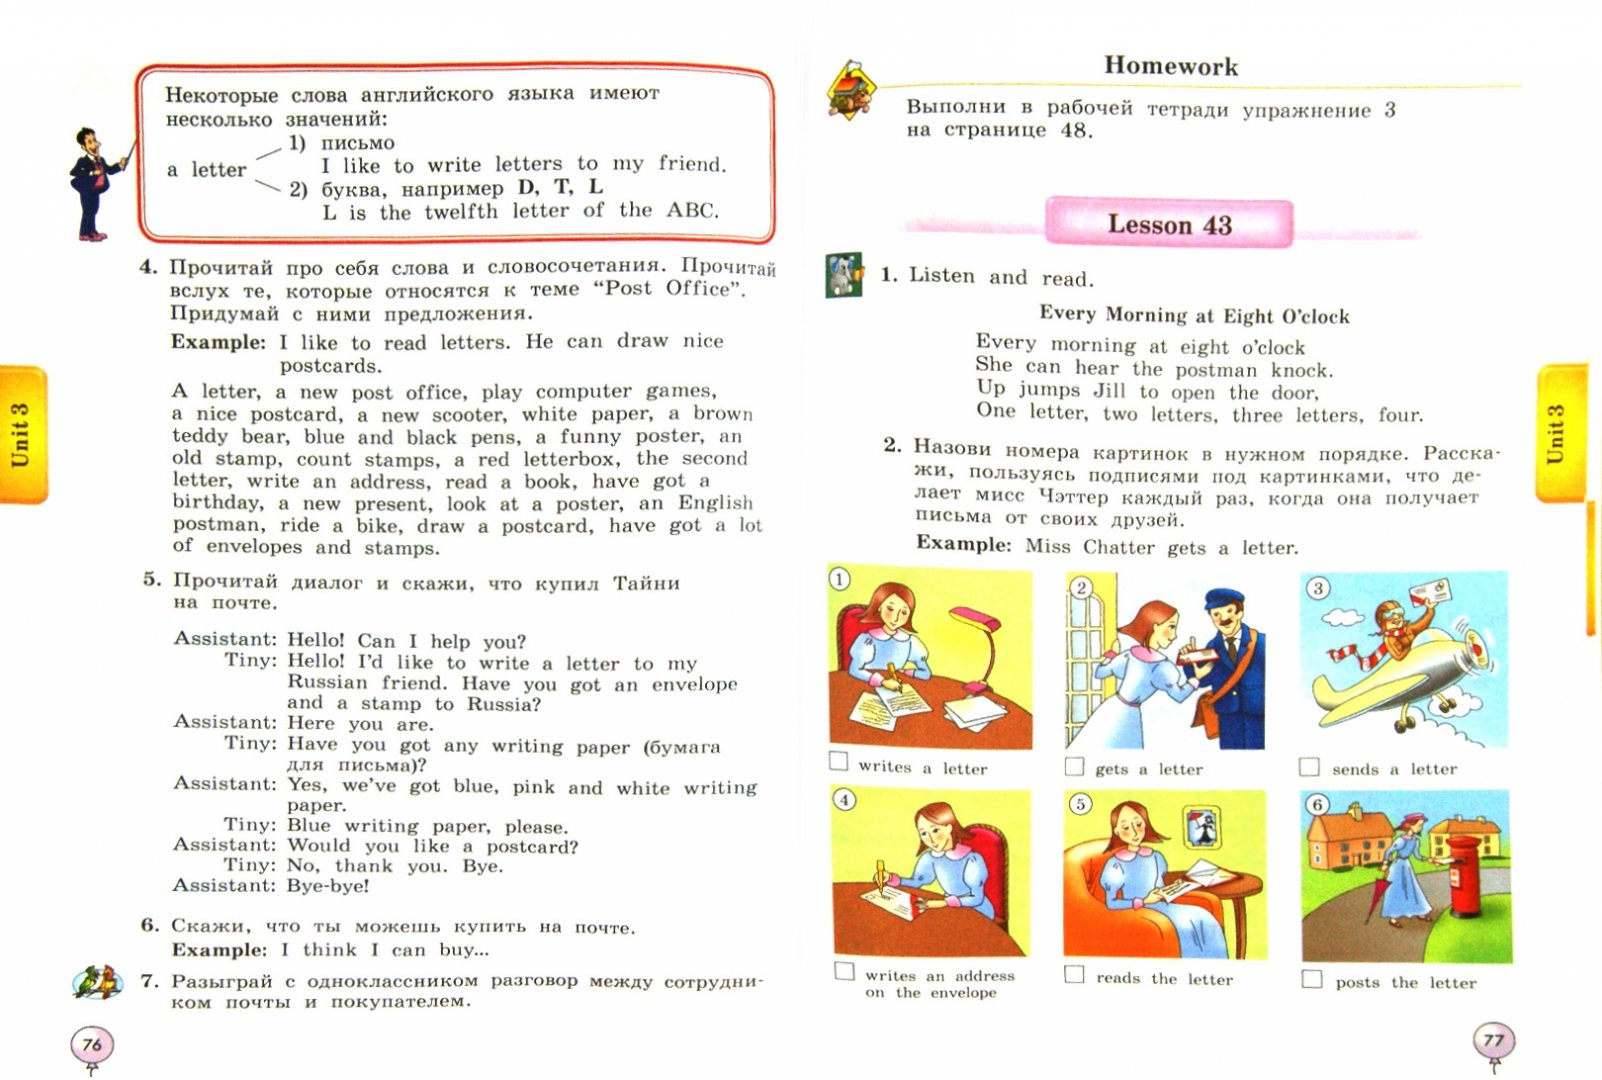 Картинки иди, картинки к уроку английского языка 3 класс